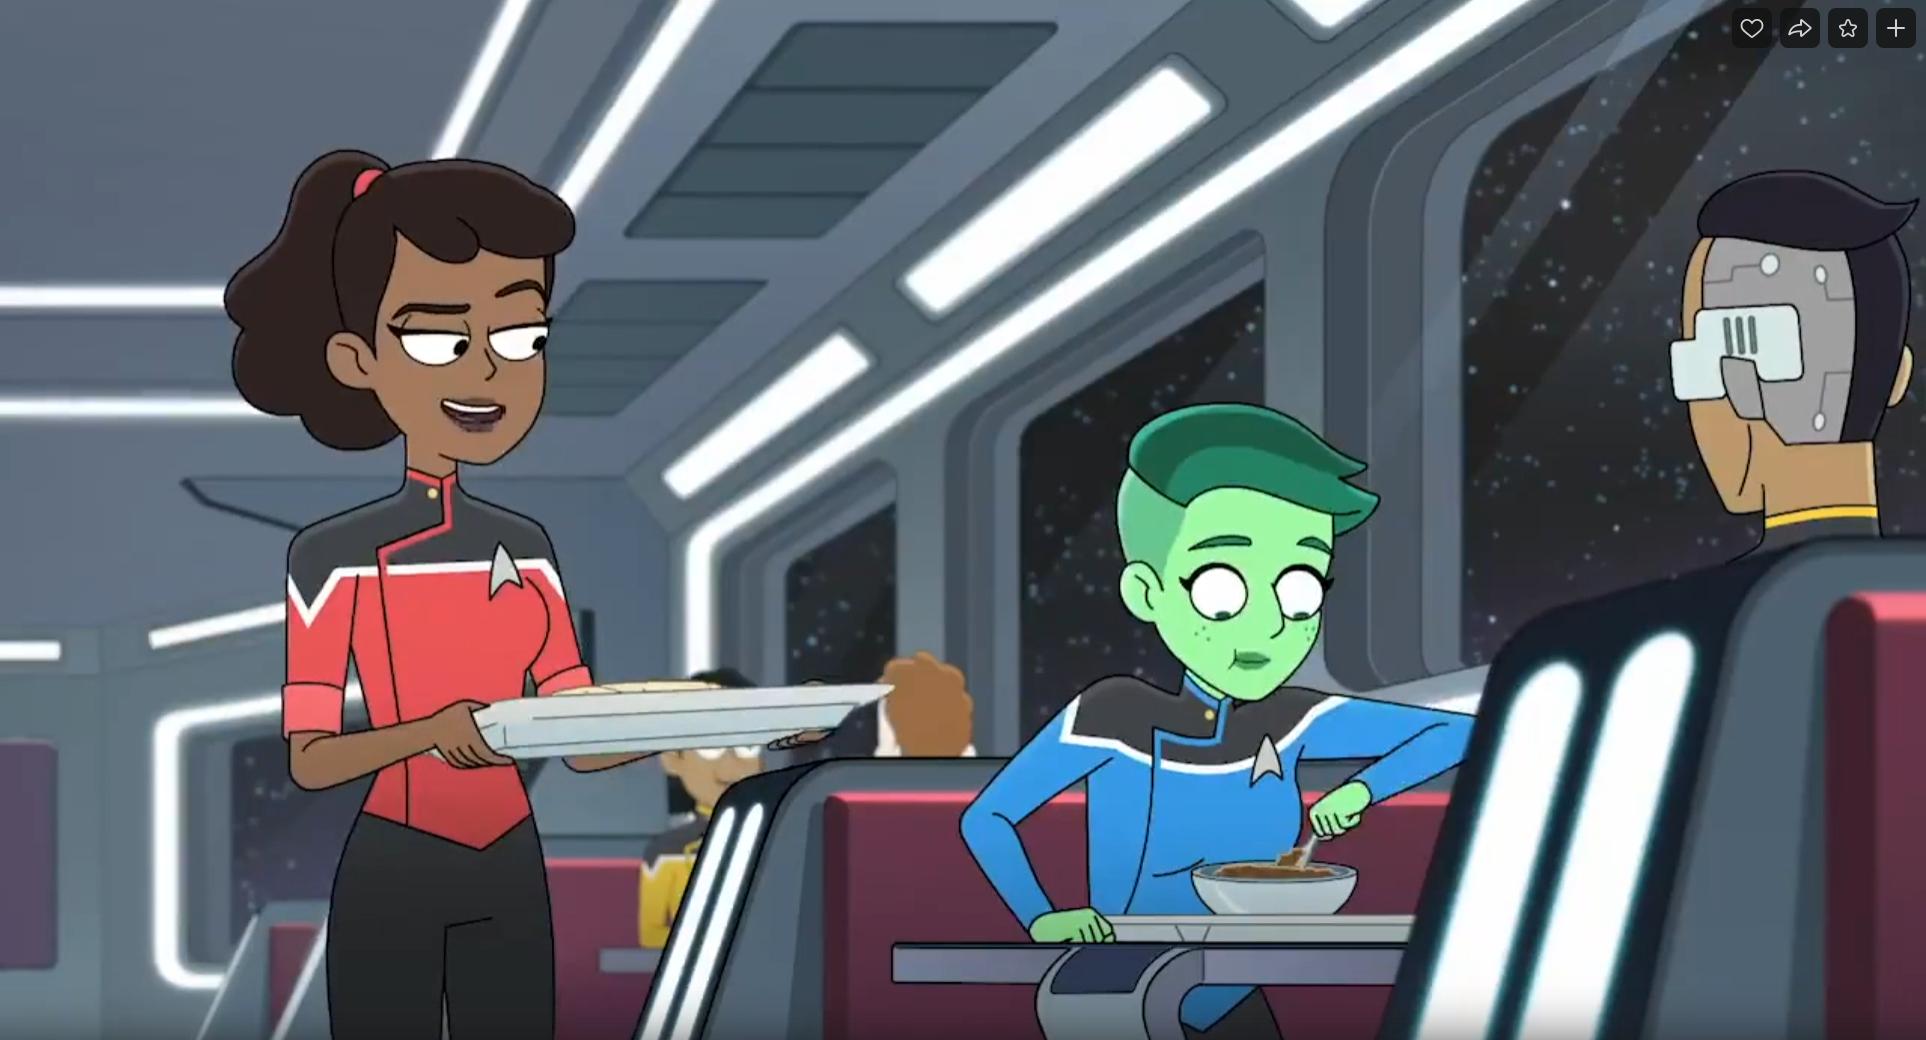 Первый тизер второго сезона мультсериала «Звездный путь: Нижние палубы»